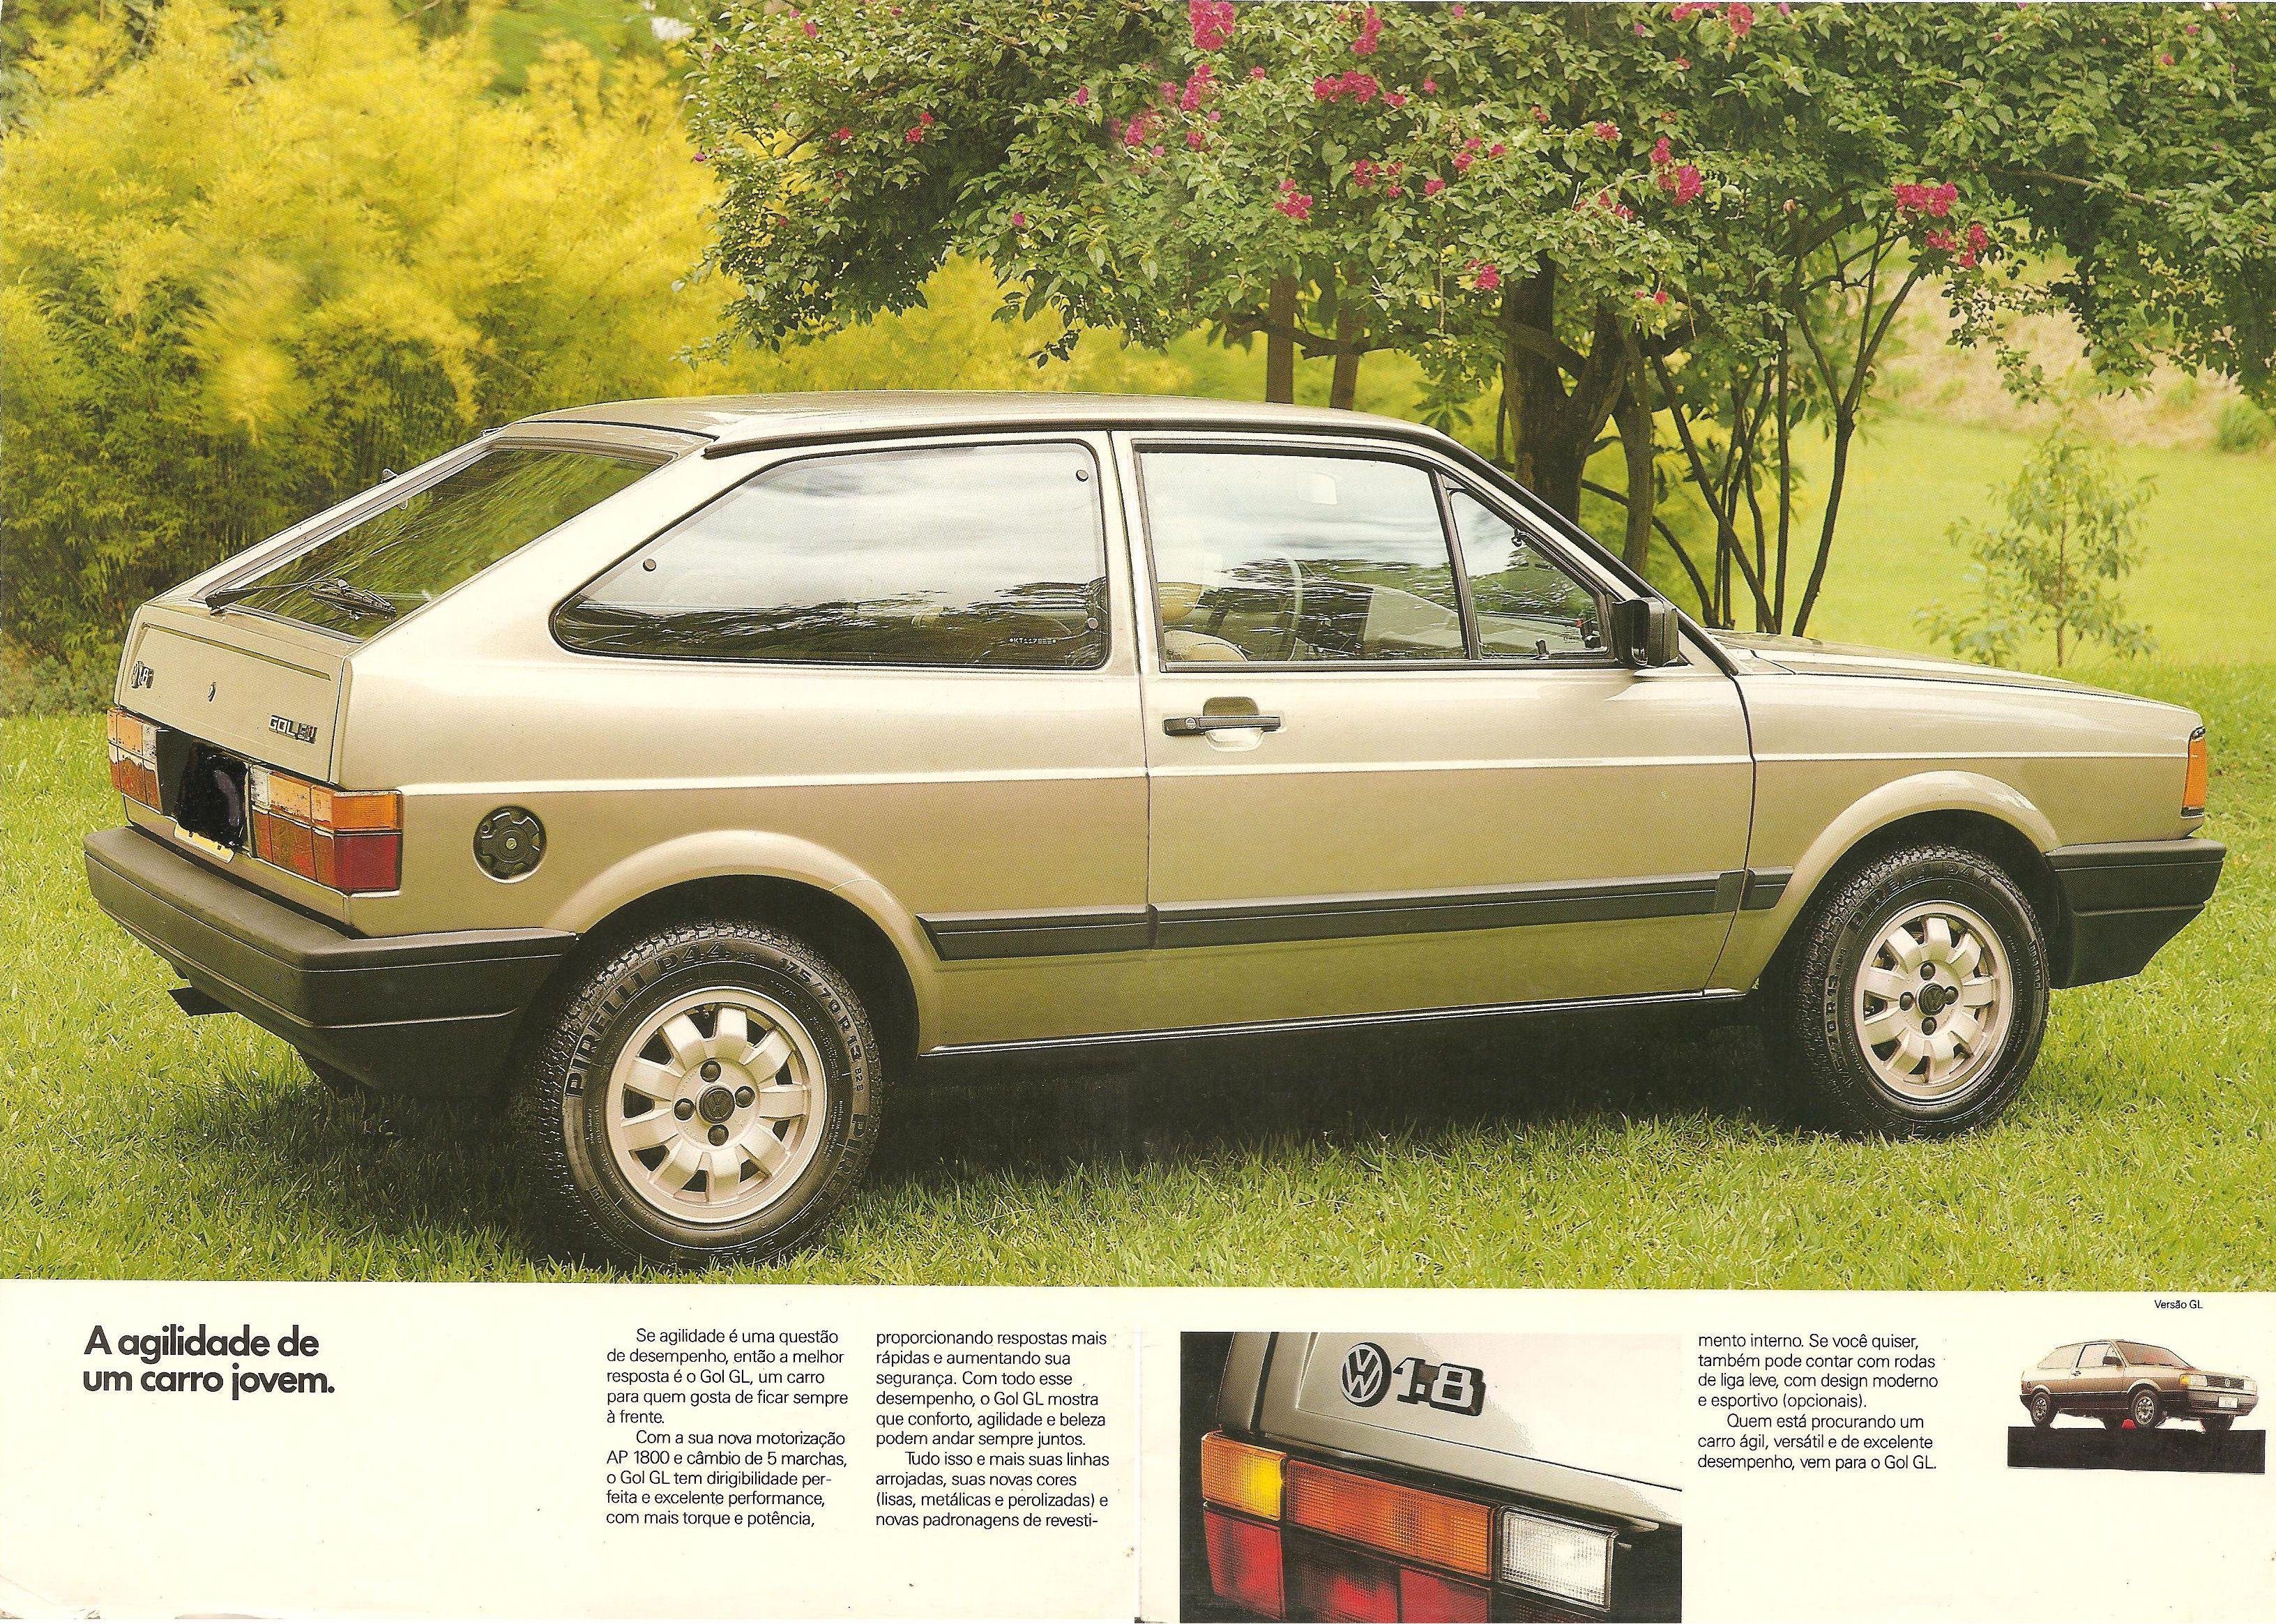 1990 Volkswagen Gol Brochure